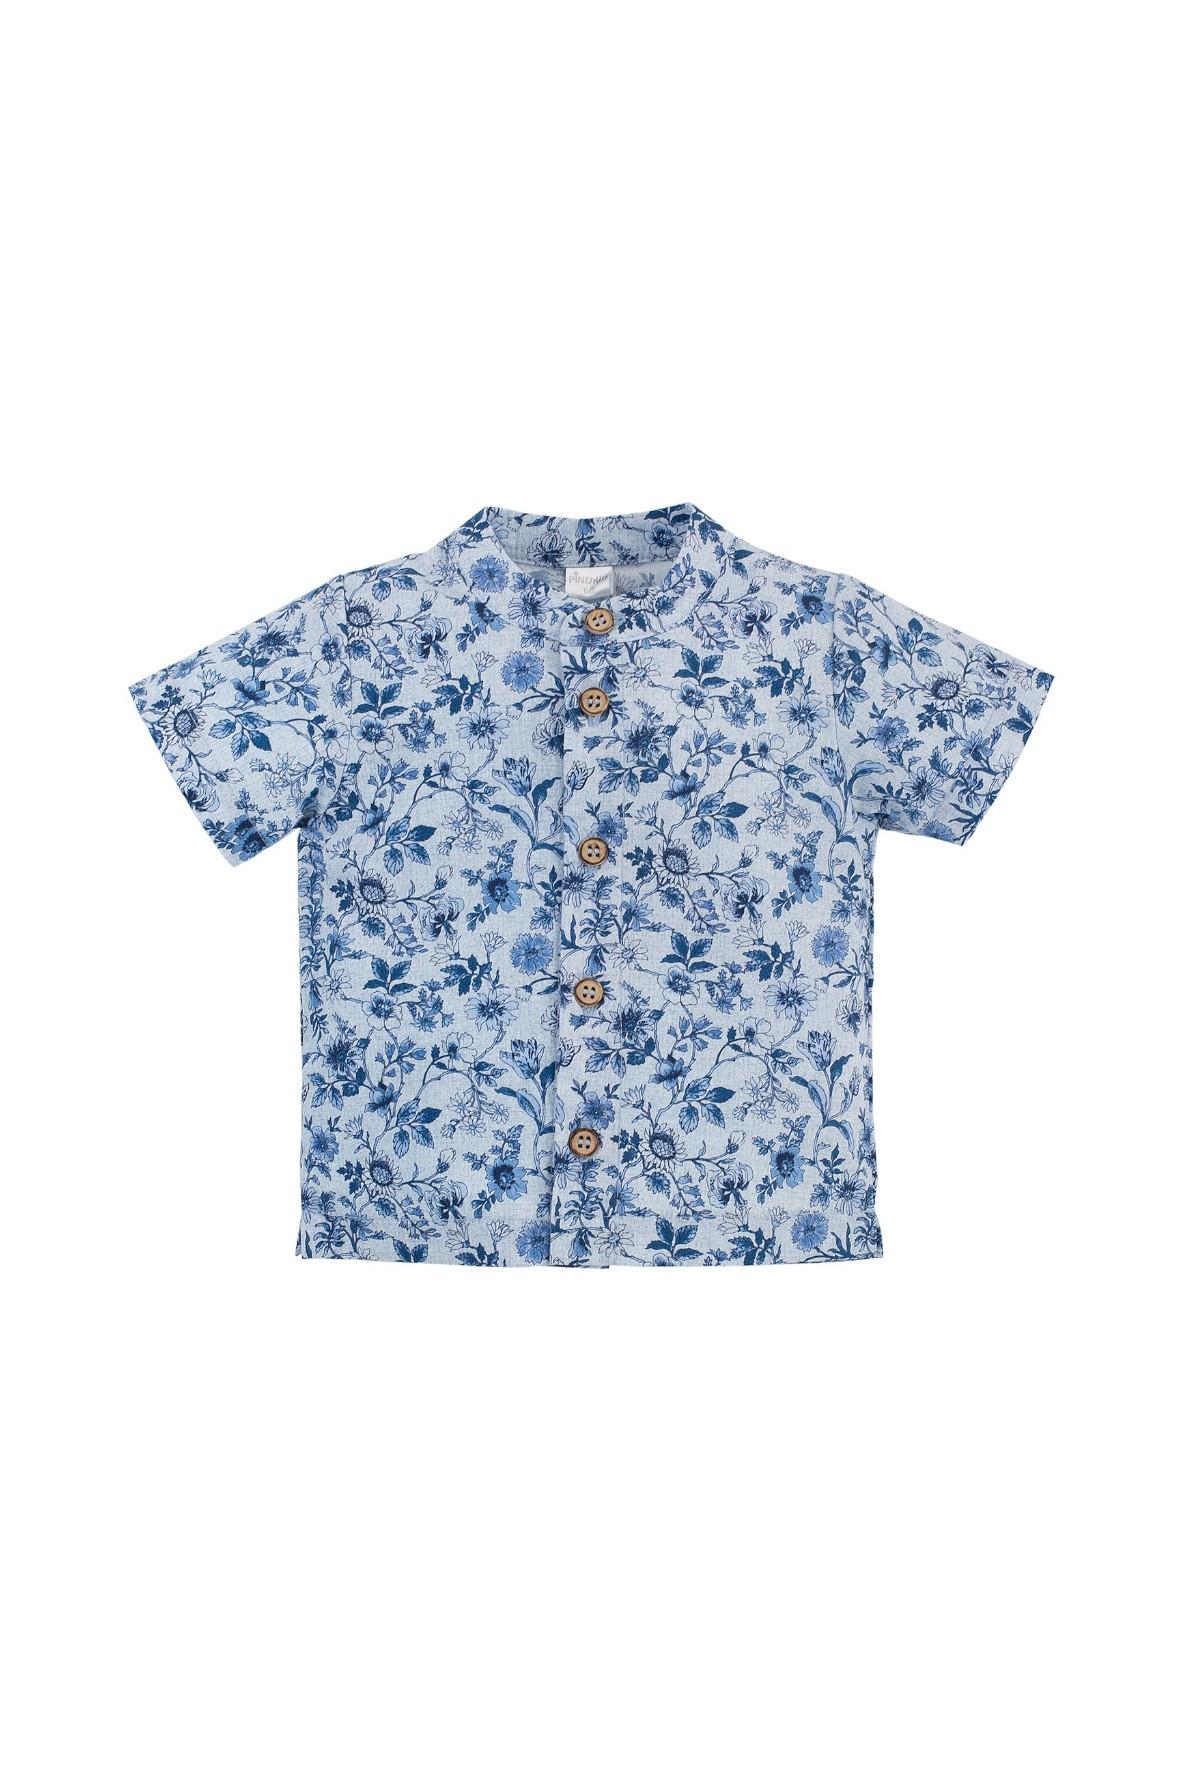 Bawełniana niebieska koszula chłopięca na krótki rękaw w niebieskie kwiatki